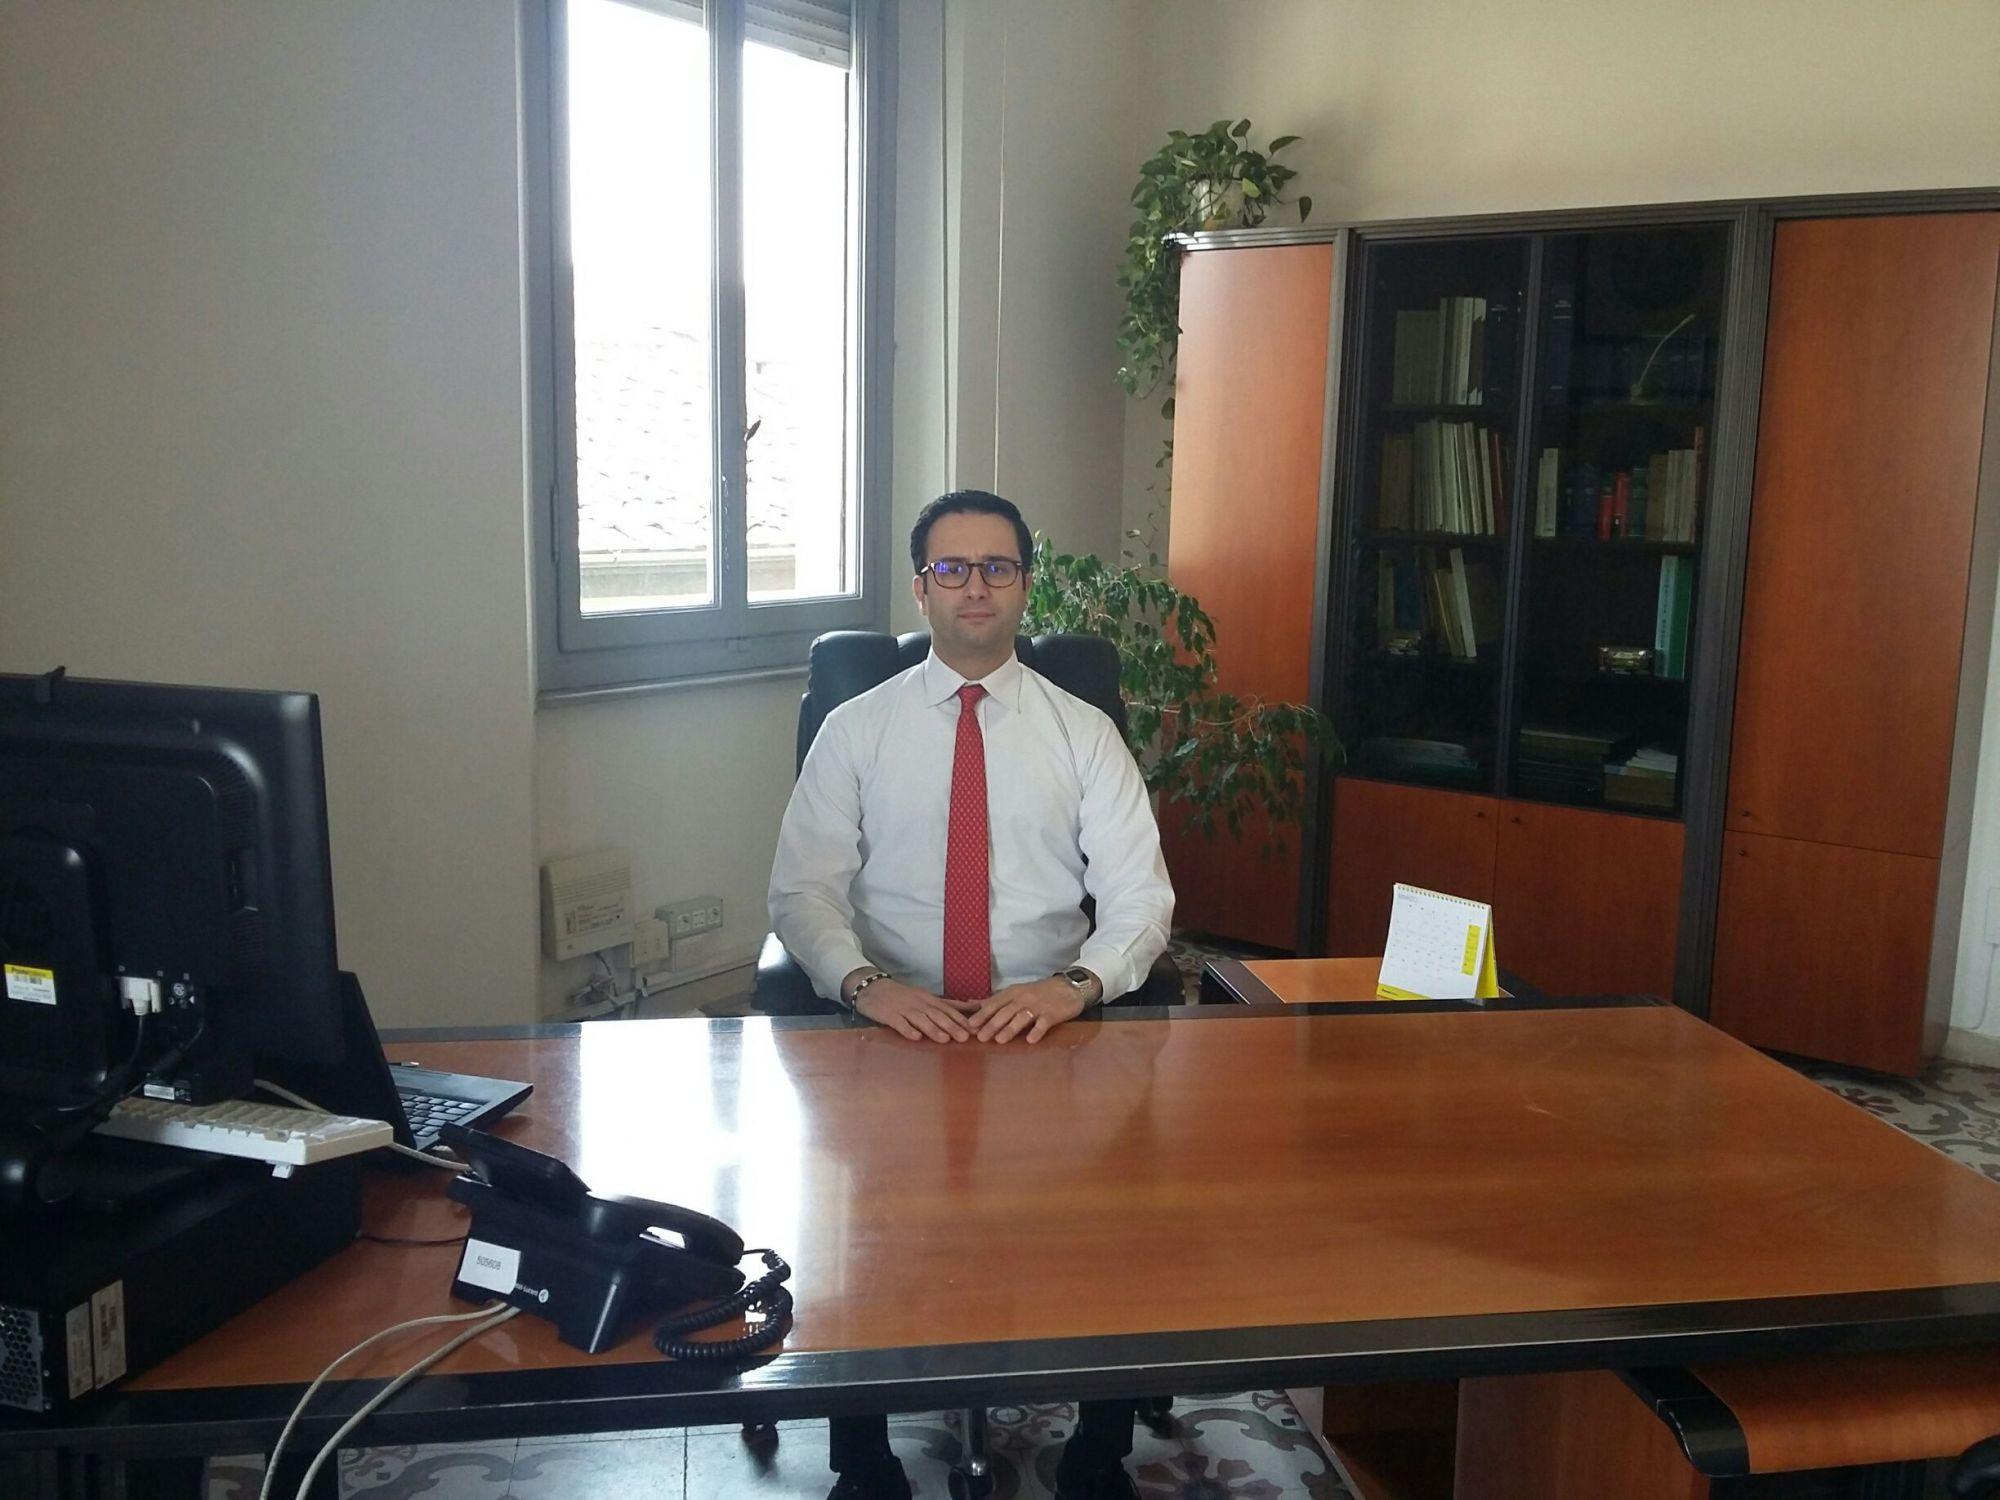 Nuovo responsabile per la Filiale Poste Italiane di Lucca